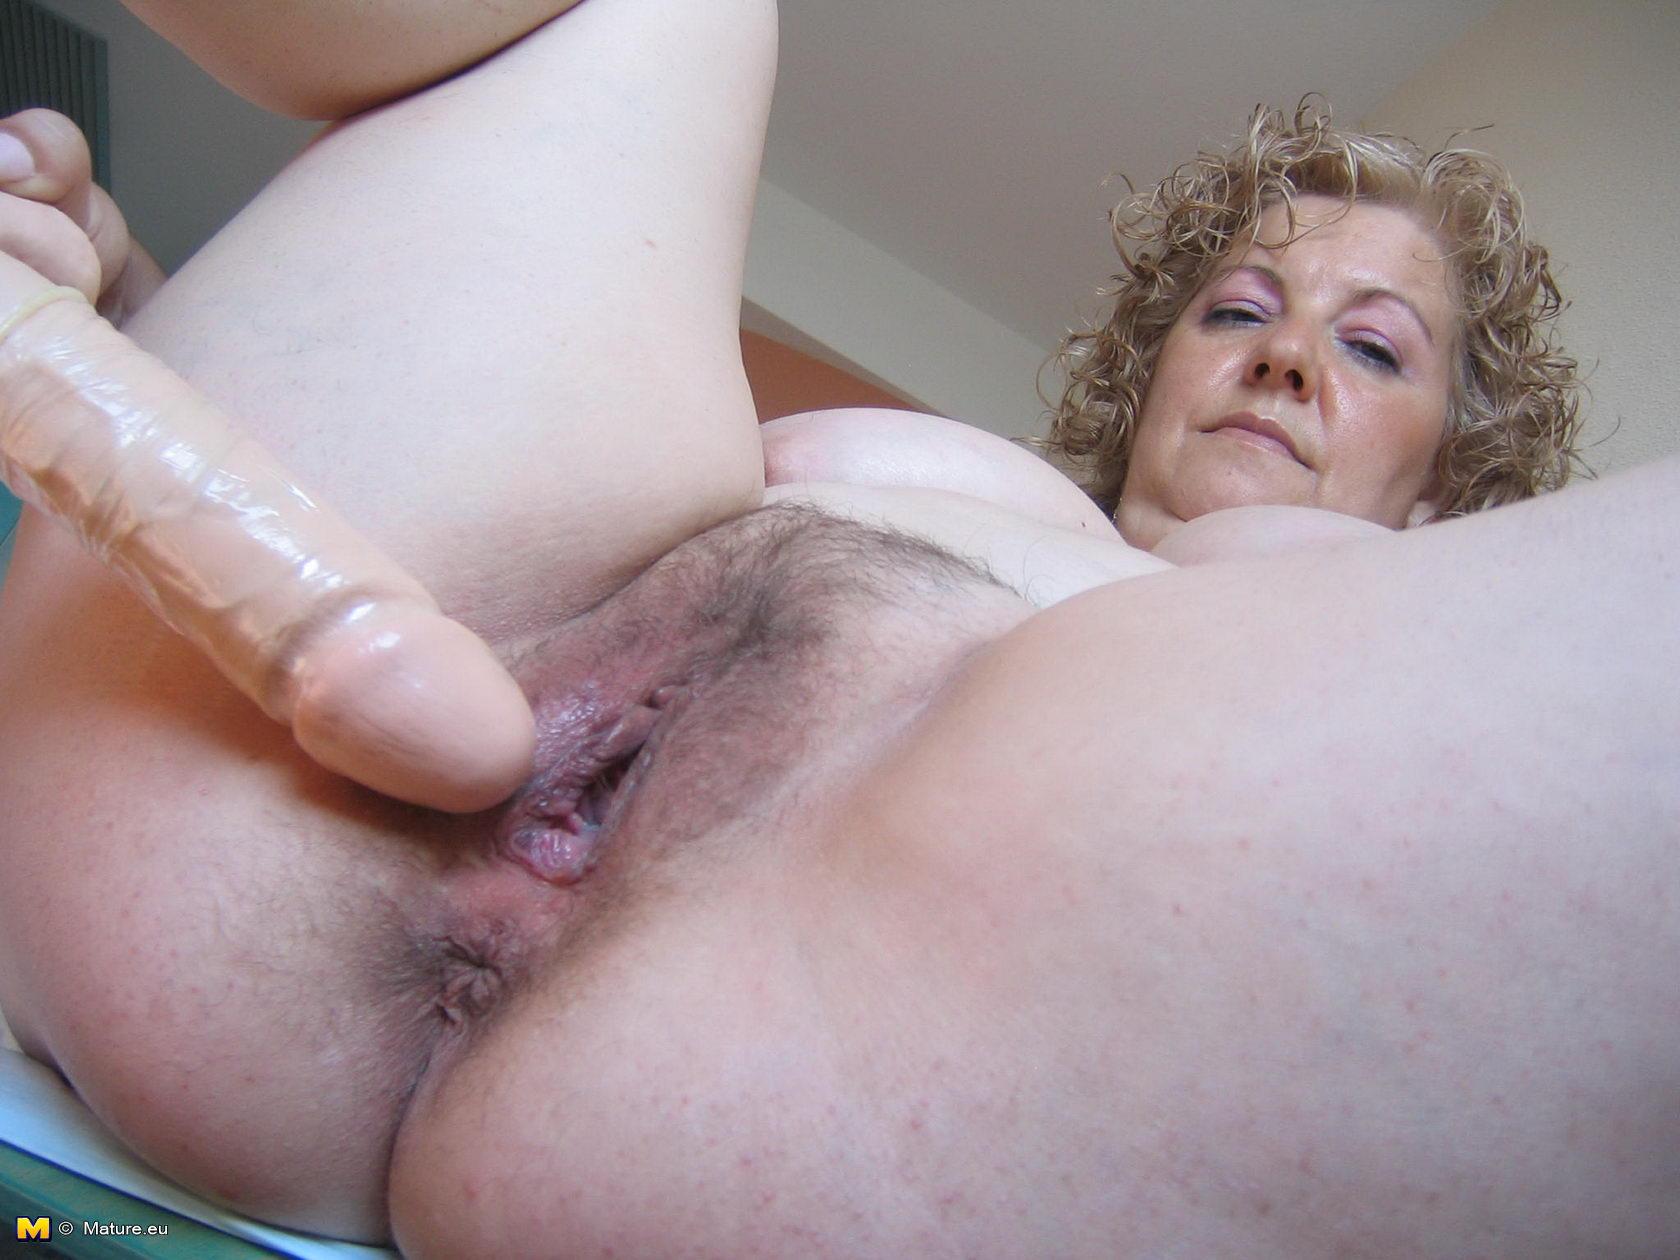 Порно старухи самотык - Онлайн секс 18+ для отчаянных ценителей порно